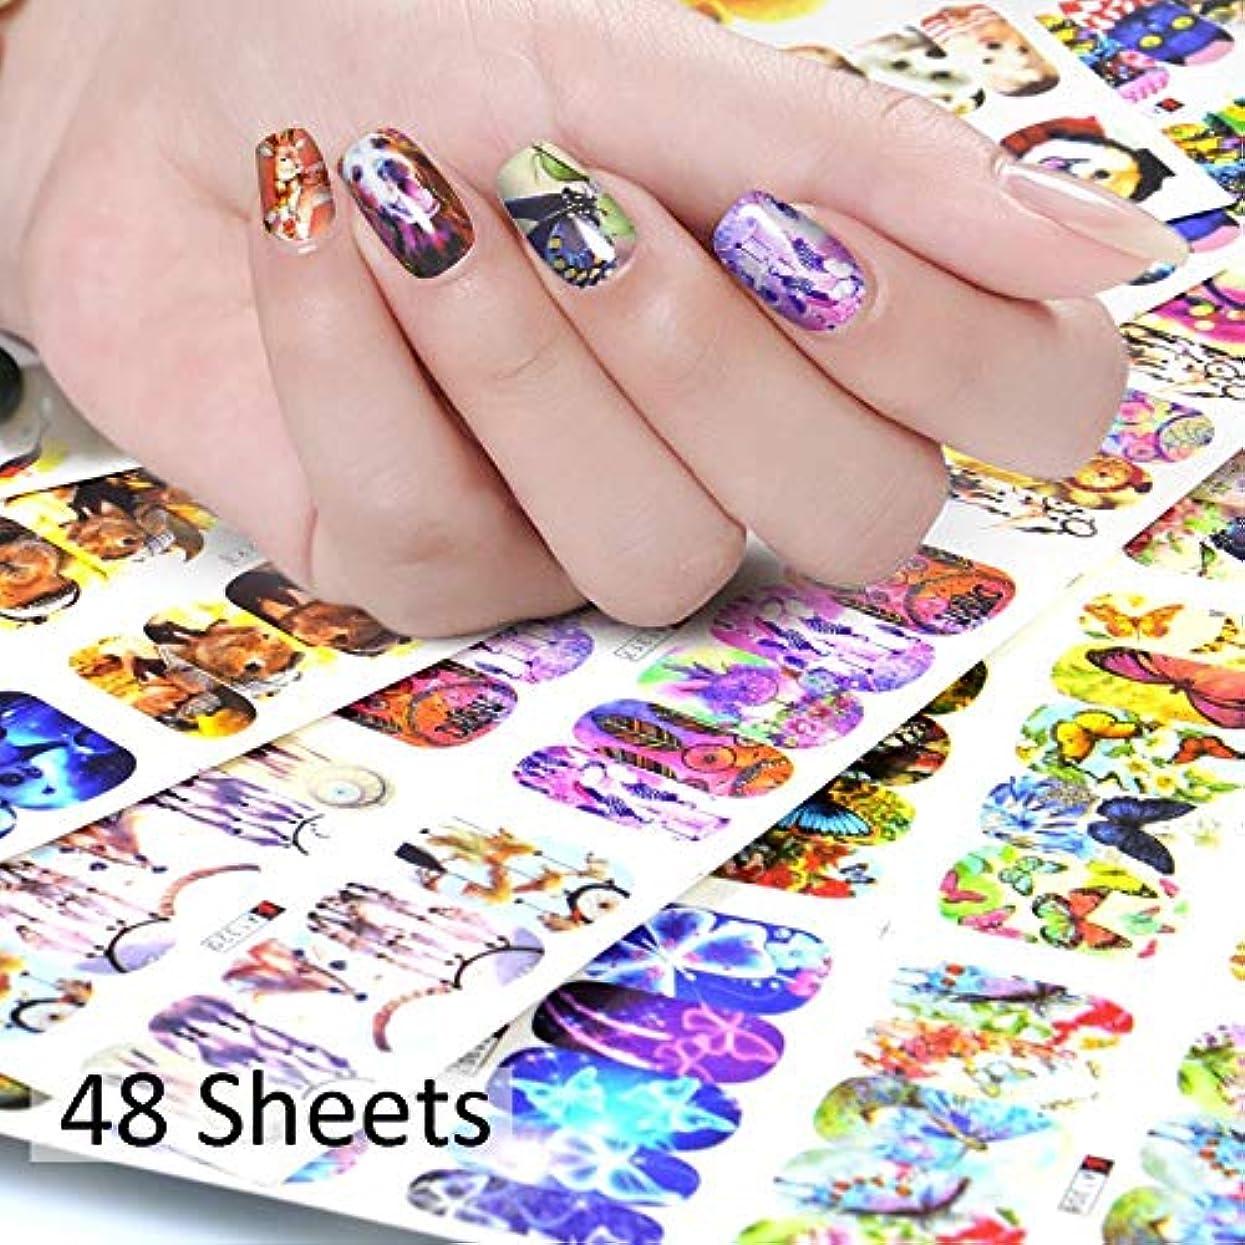 地雷原趣味変更SUKTI&XIAO ネイルステッカー 48枚の釘の芸術のステッカーの混合された設計漫画様式の釘のステッカーの透かしの先端の装飾のマニキュア用具、48枚の用紙